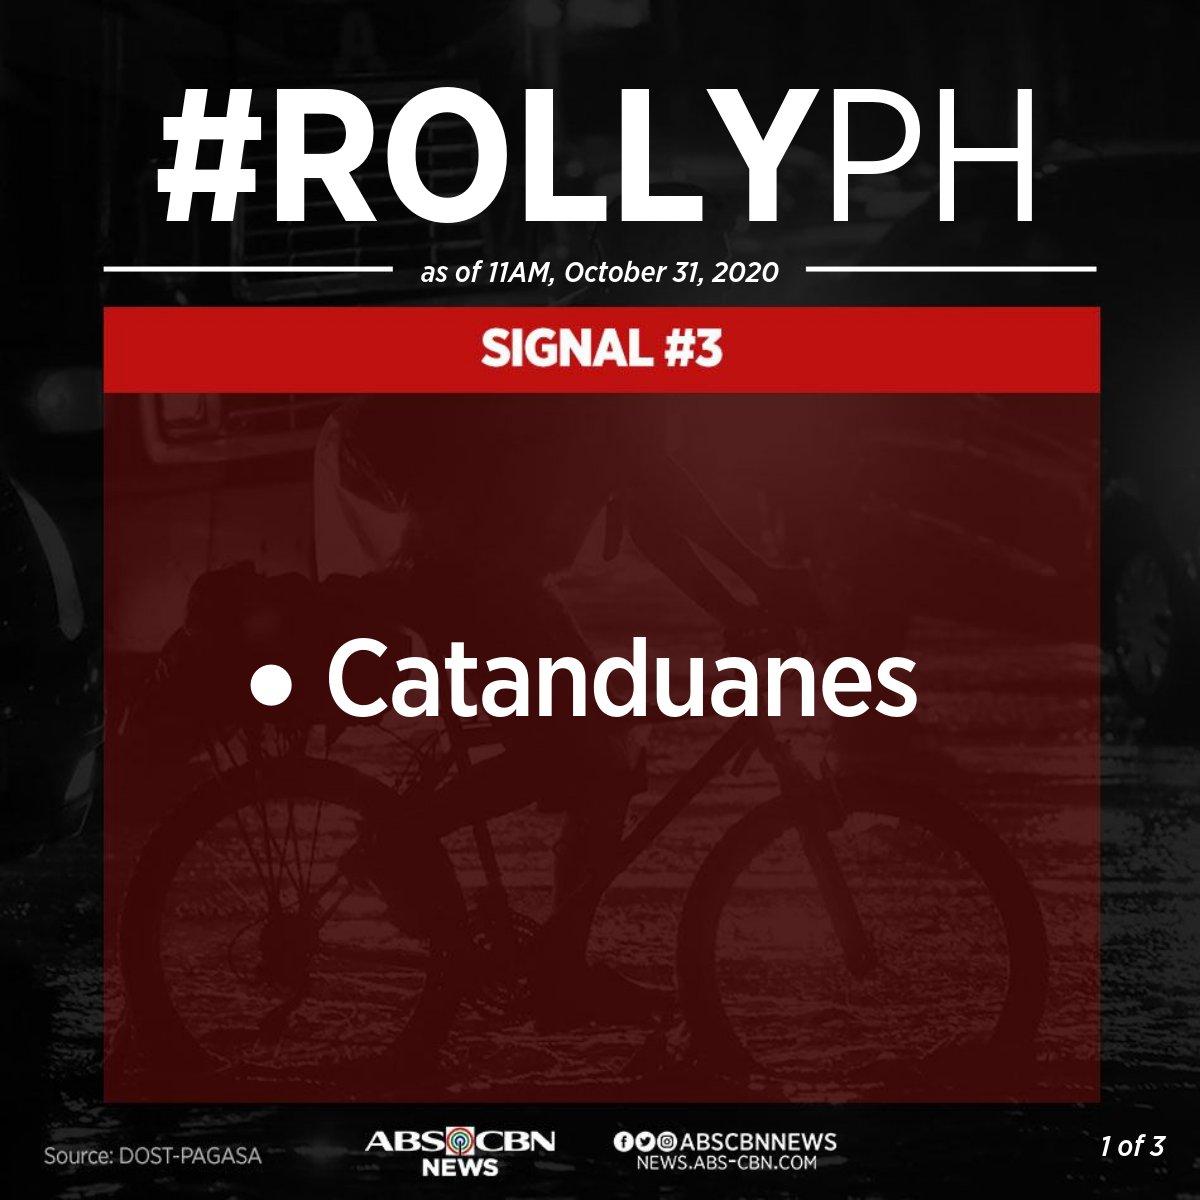 [11AM] Itinaas na ng PAGASA ang signal no. 3 sa Catanduanes habang papalapit ang typhoon #RollyPH sa Bicol Region.  Narito ang mga lugar na nasa ilalim ng signal no. 1 at 2. https://t.co/LRoEiiEkk2